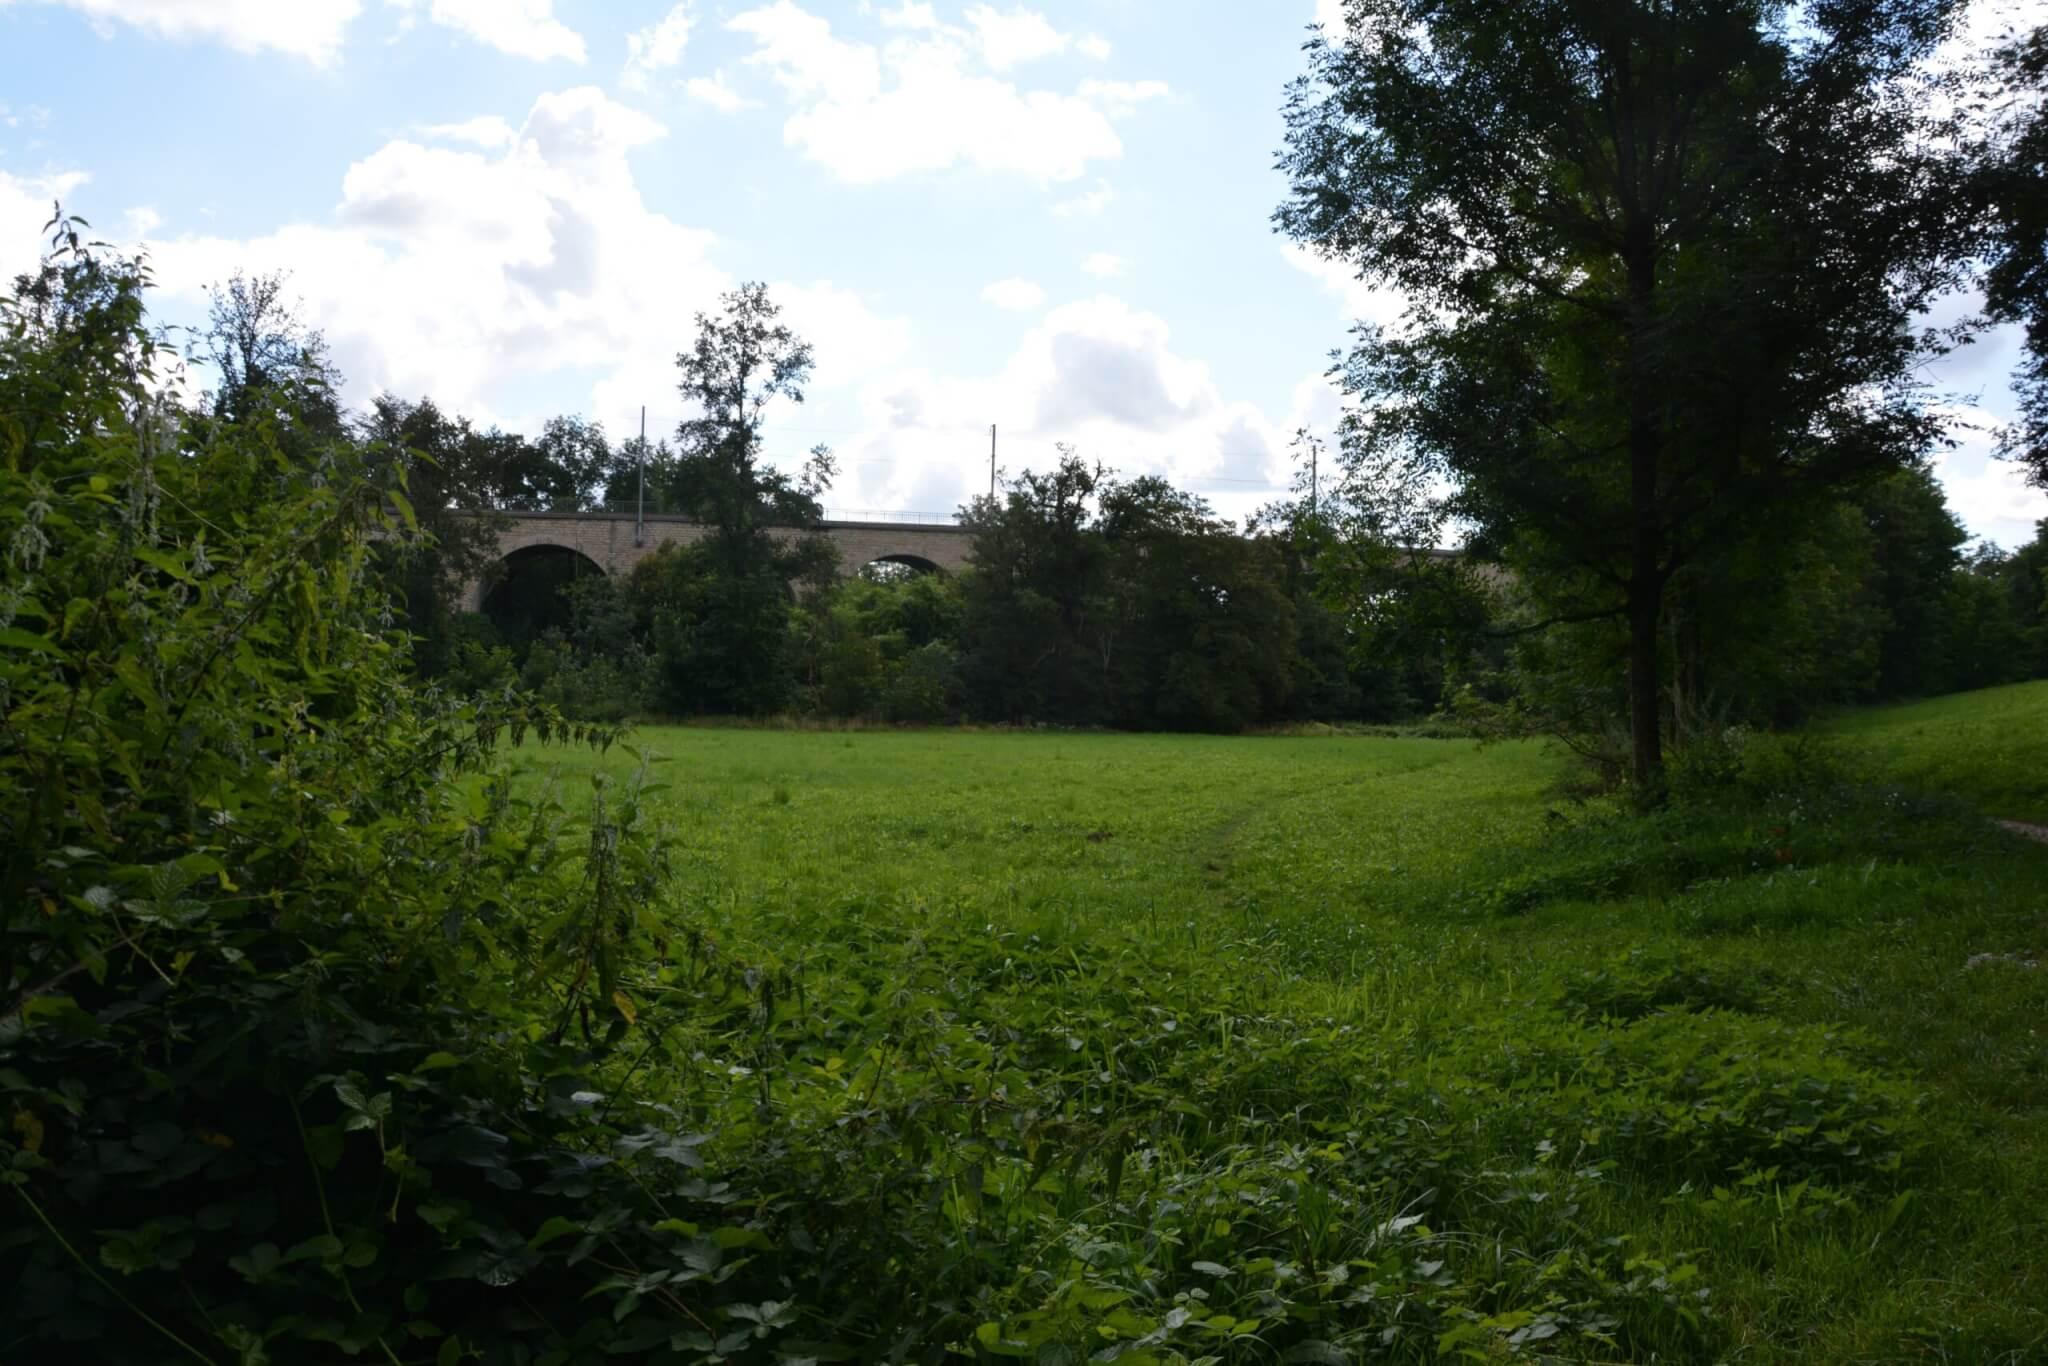 Le champ où sera installé le barrage de Francheville.